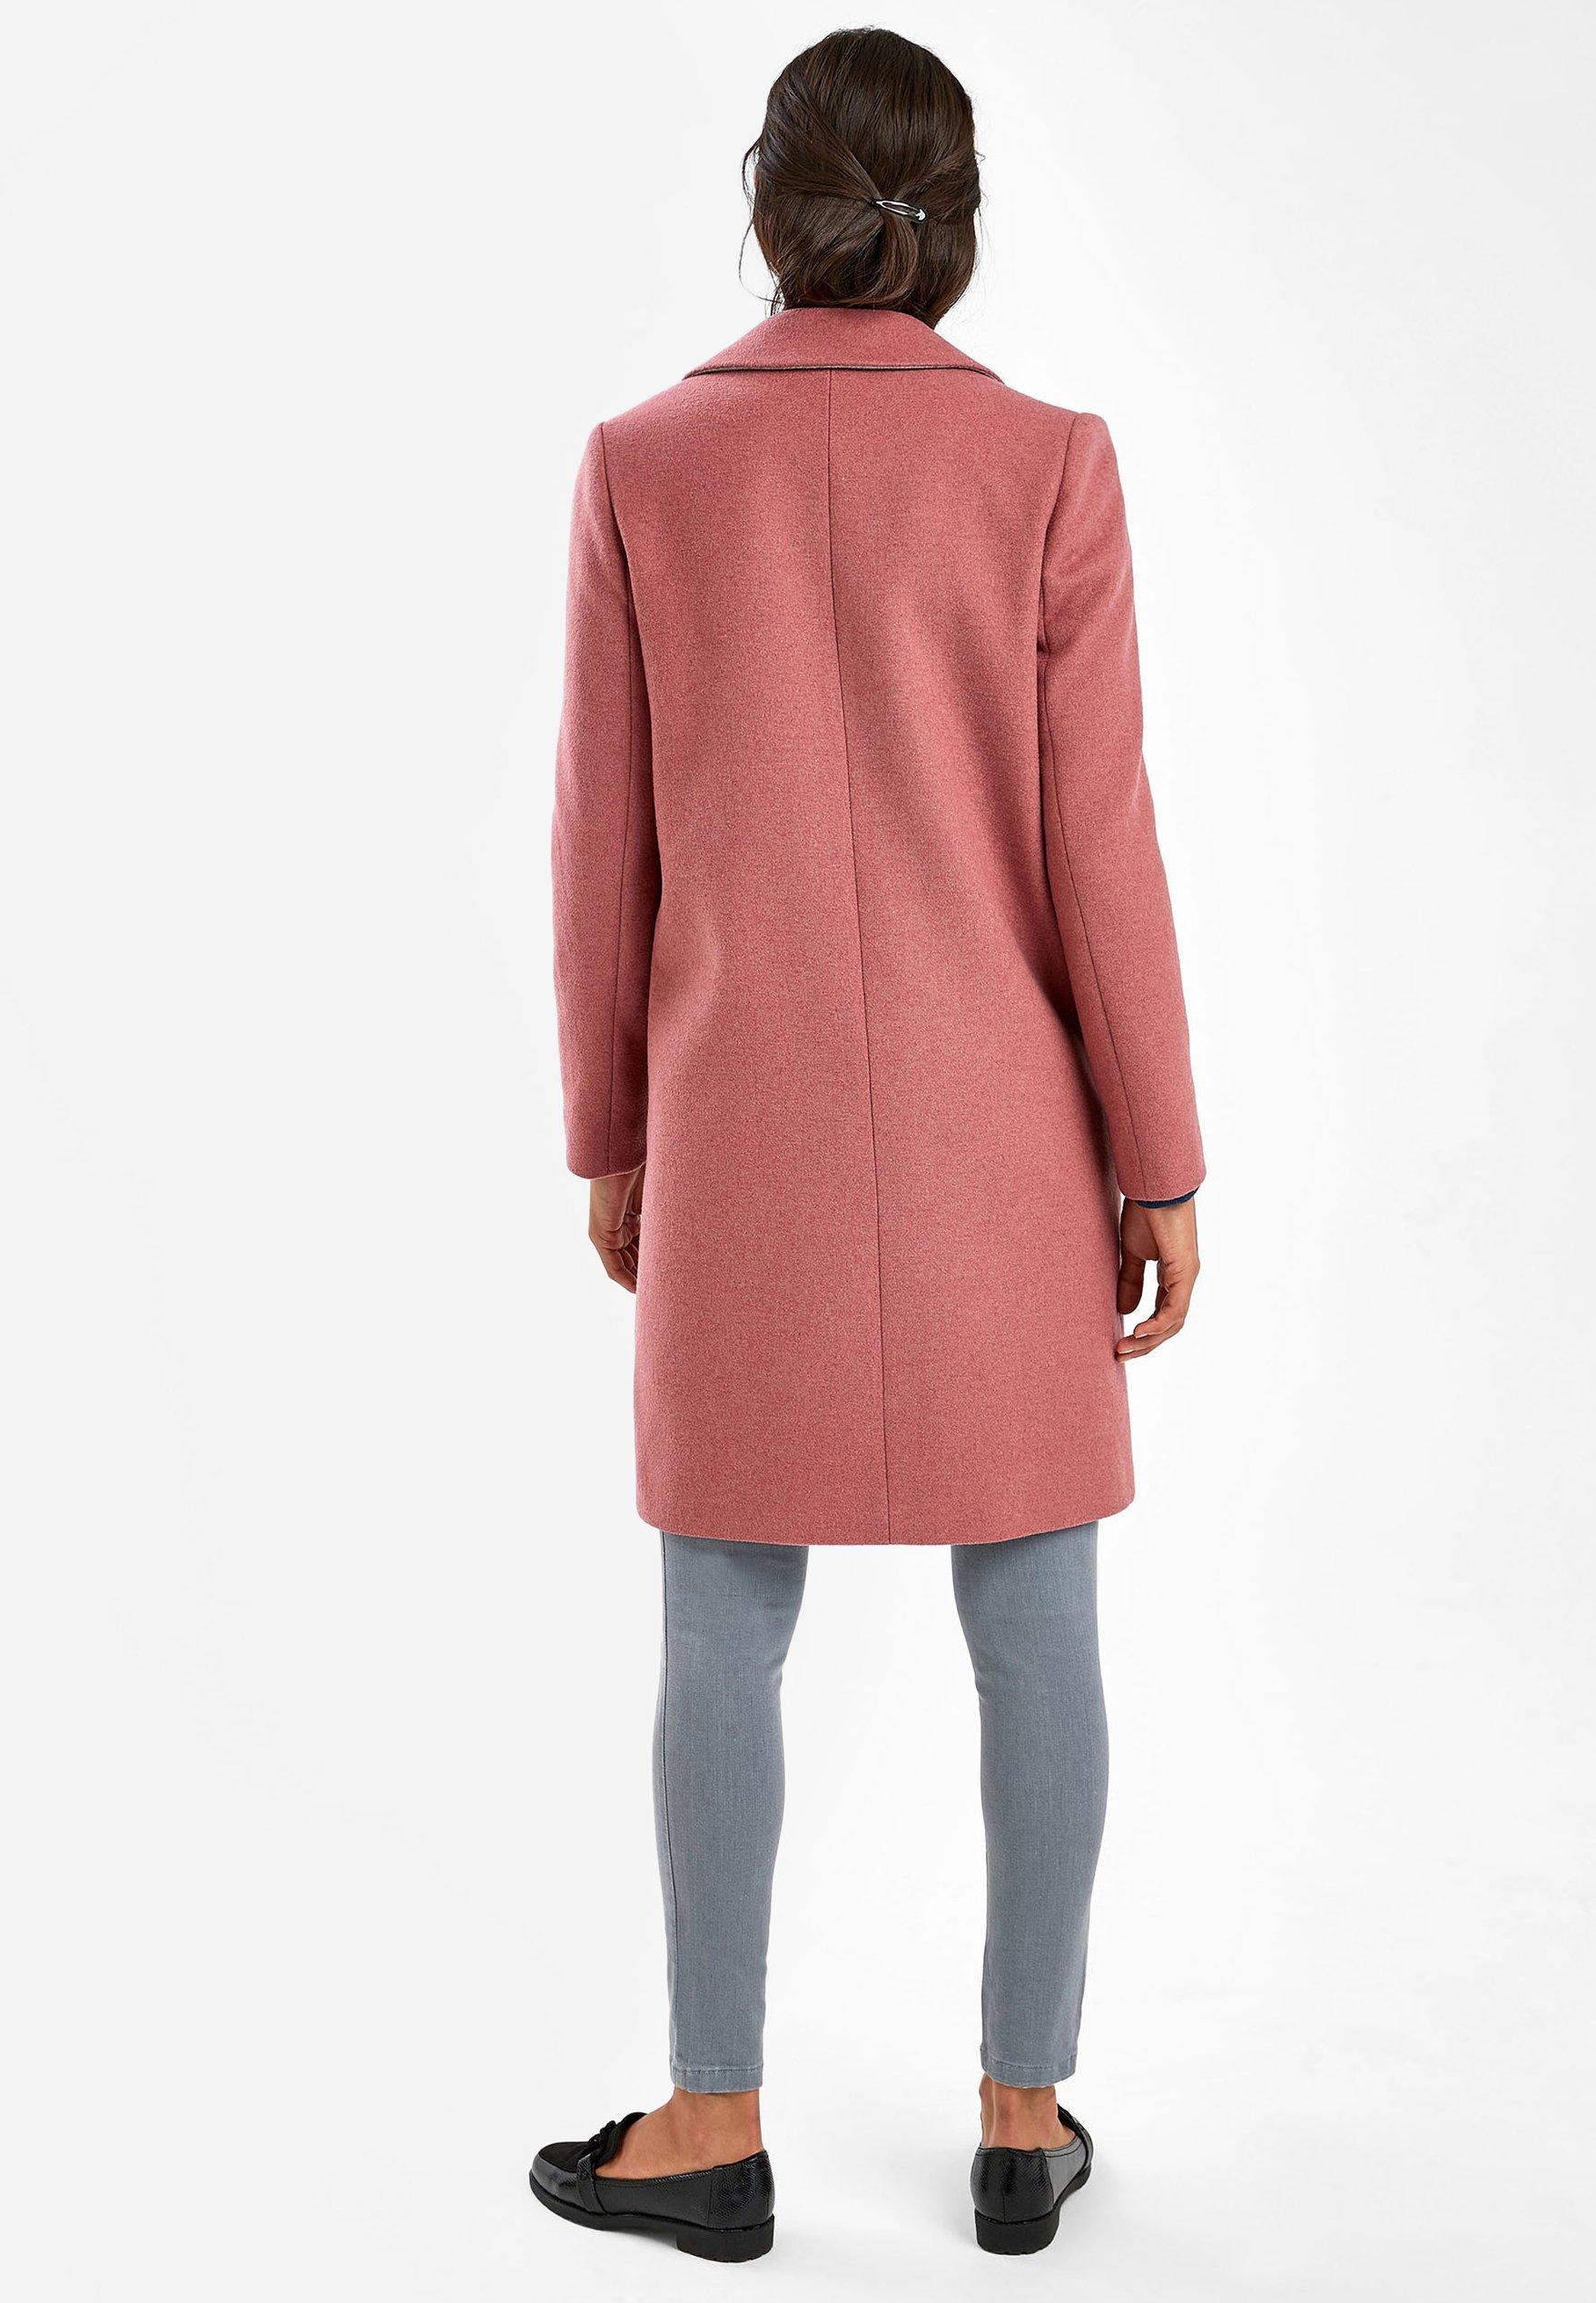 EMMA WILLIS Mantel pink